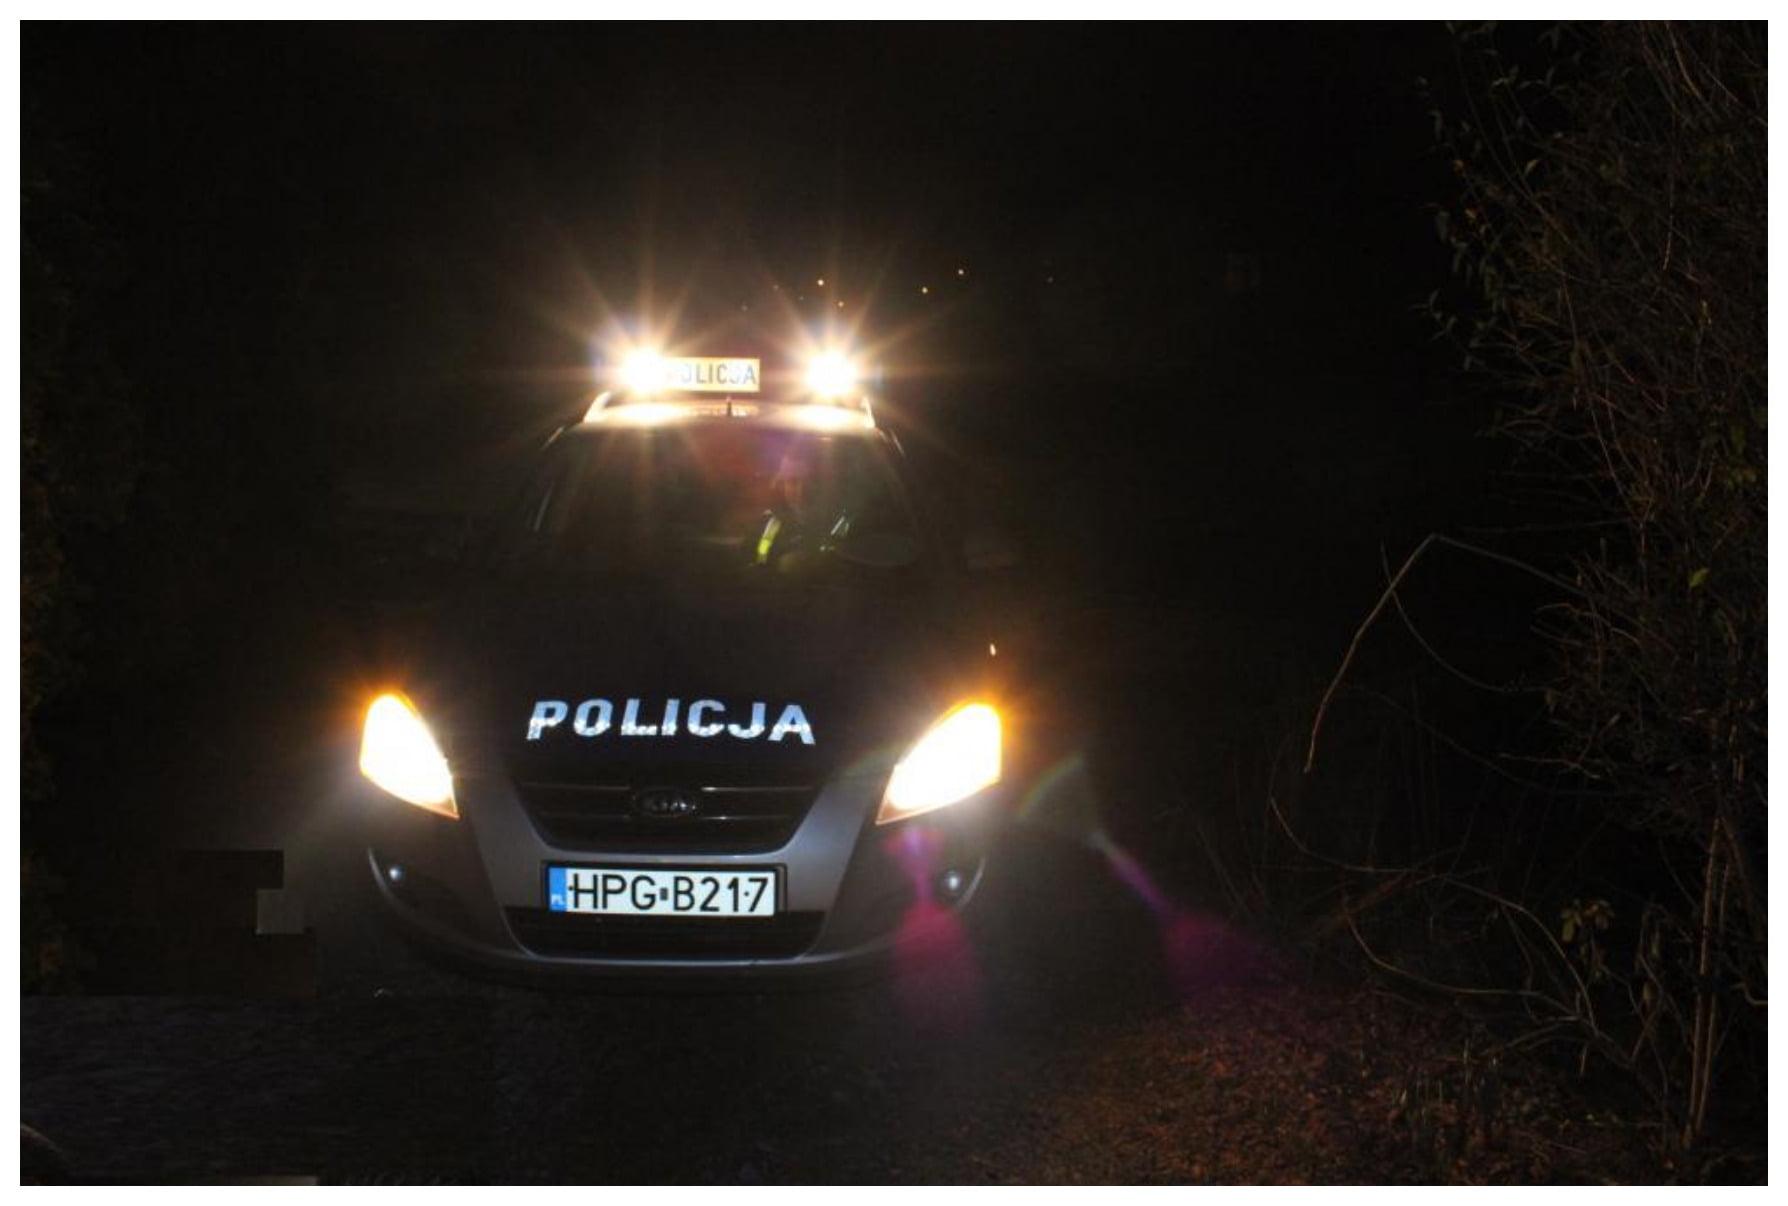 2020-04-28 Oświęcim Nieudana zamiana miejsc Policjanci zatrzymali kierowcę bez uprawnień Komenda Powiatowa Polic[...]